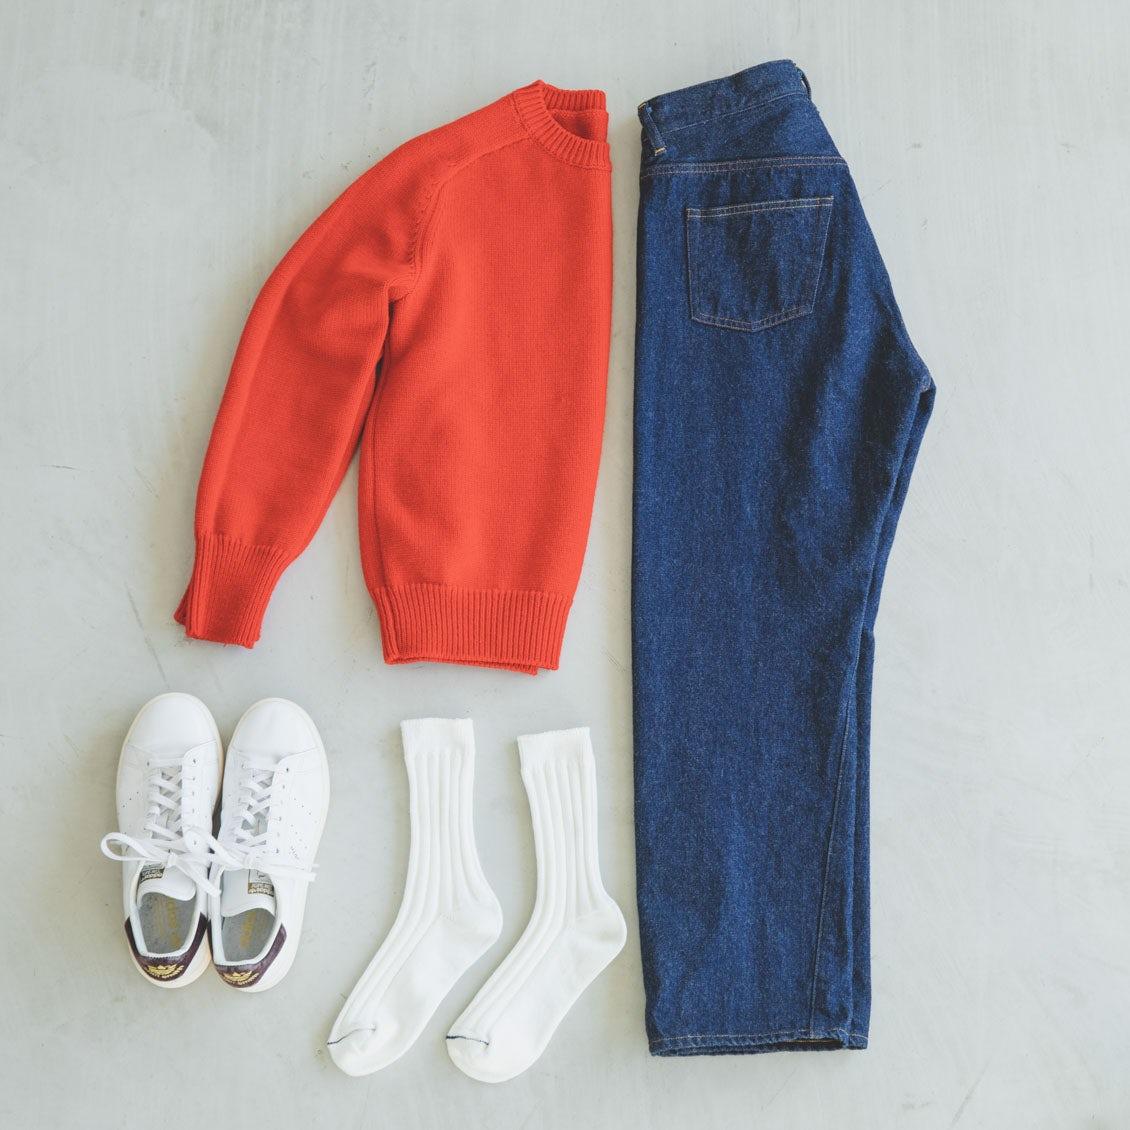 【大人の靴下マニュアル】「白ソックス」をおしゃれに履きこなす!アイテム選びとコーデ術